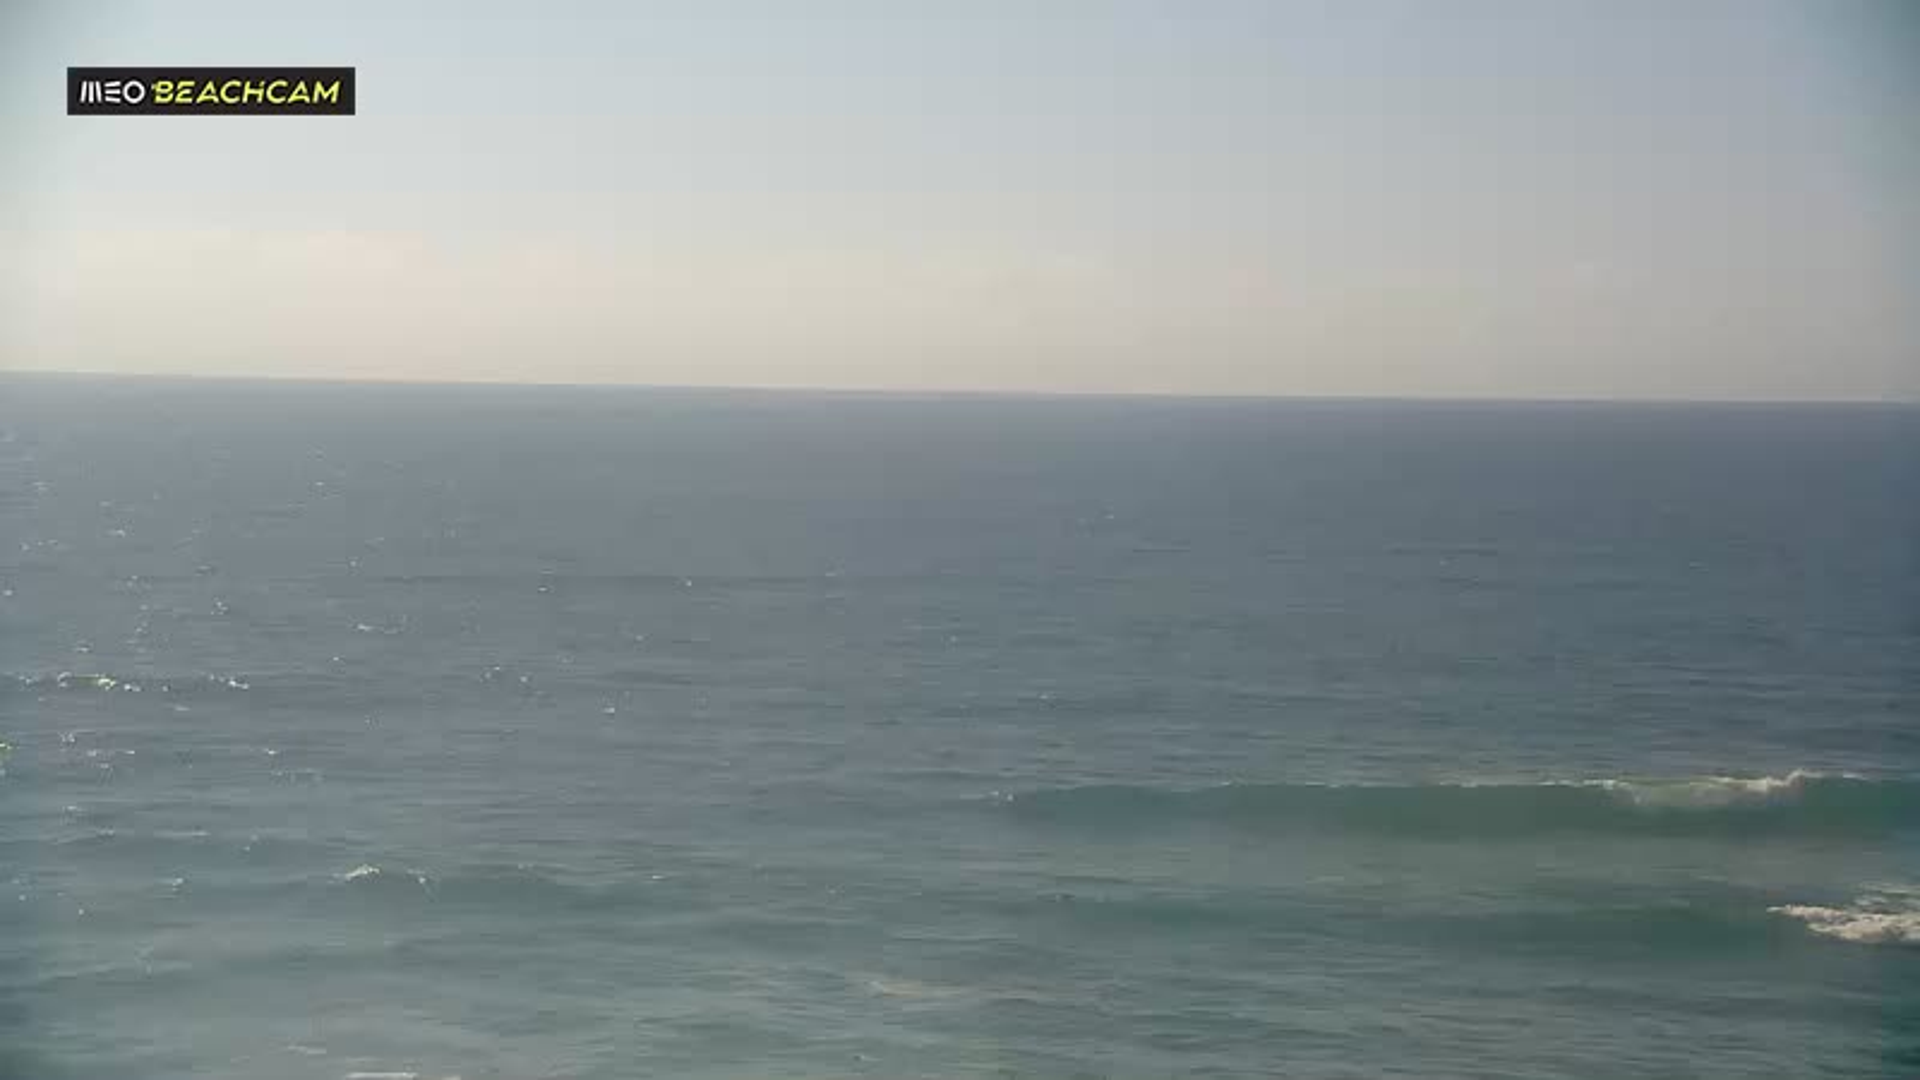 Praia Grande Di. 17:53